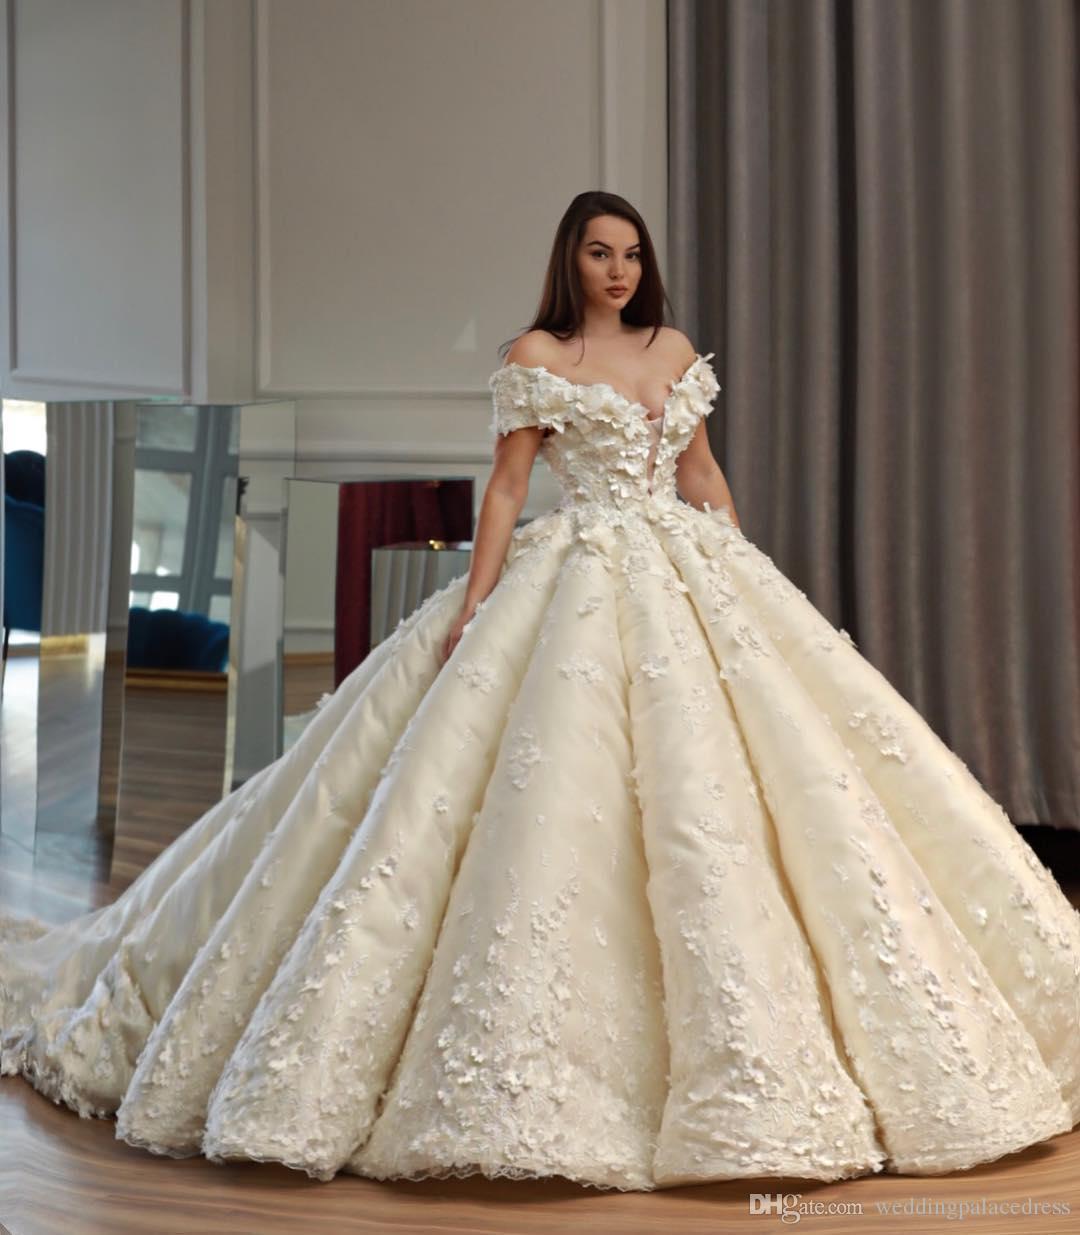 2019 Luxury Arabic Dubai Plus Size Lace Ball Gown Wedding Dresses Applique  3D Flower Court Train Bridal Gown Wedding Dress Vestidos De Novia Weding ...